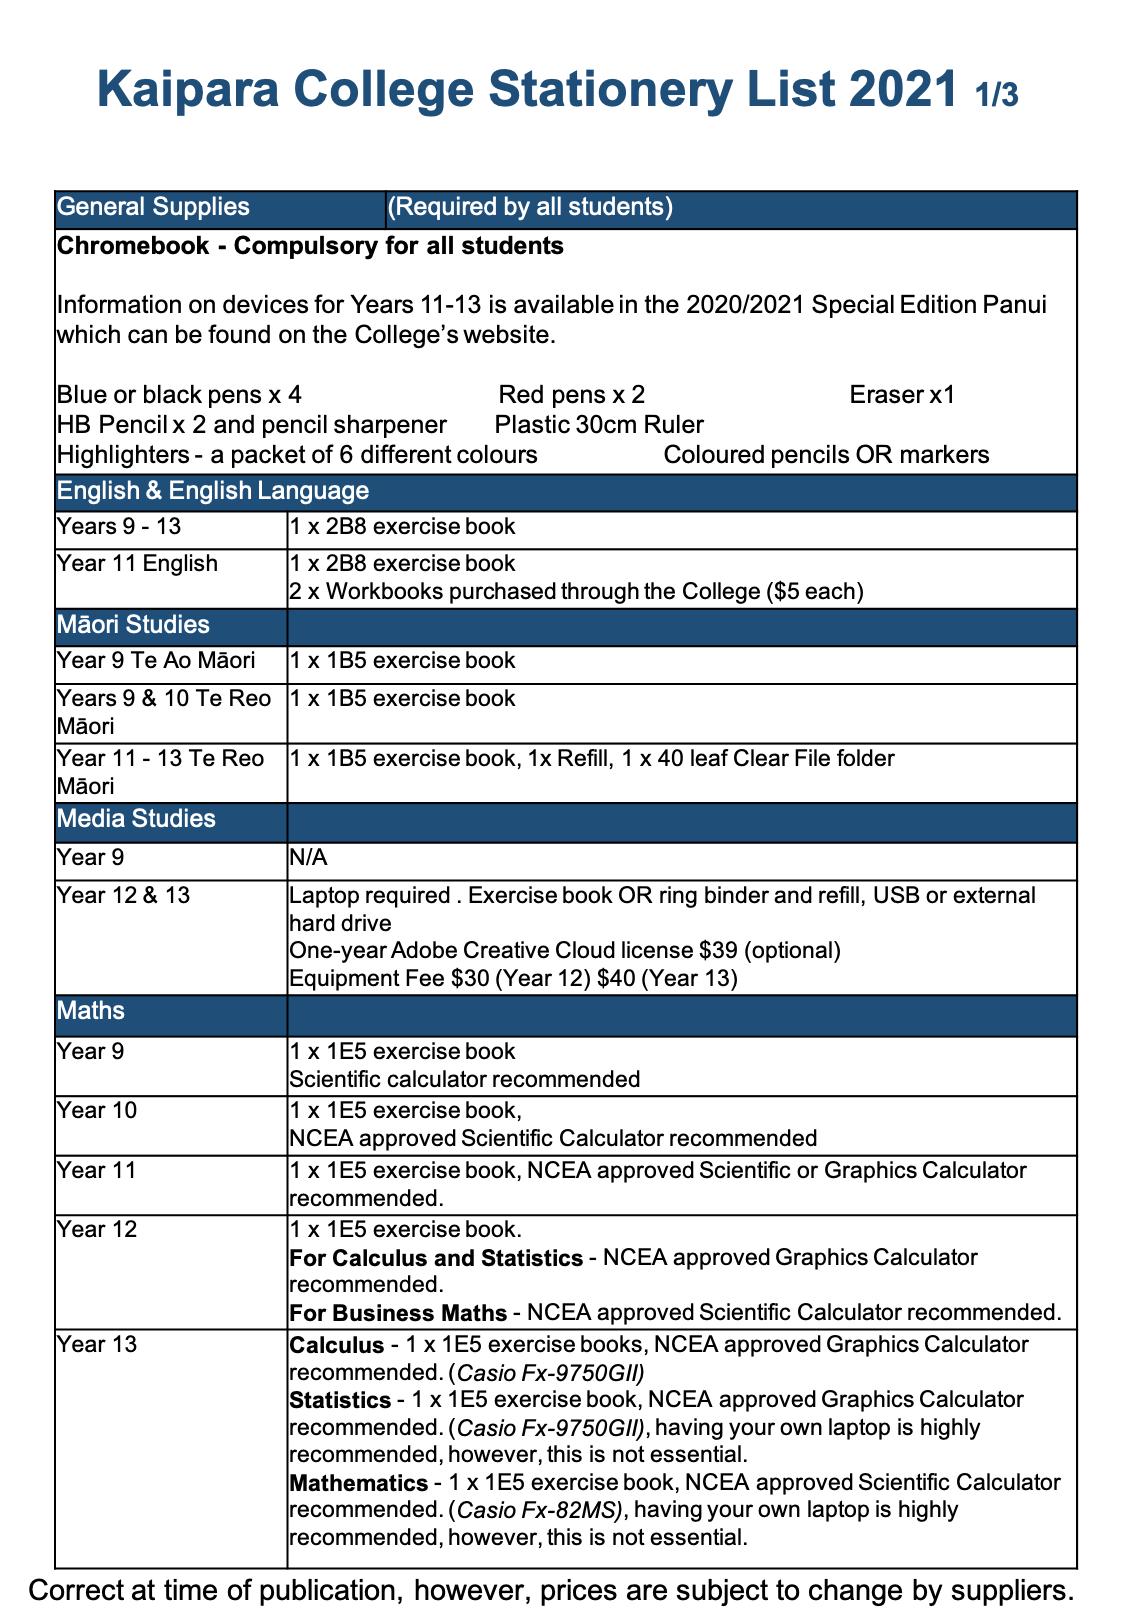 Stationery List Kc 2021 1:3